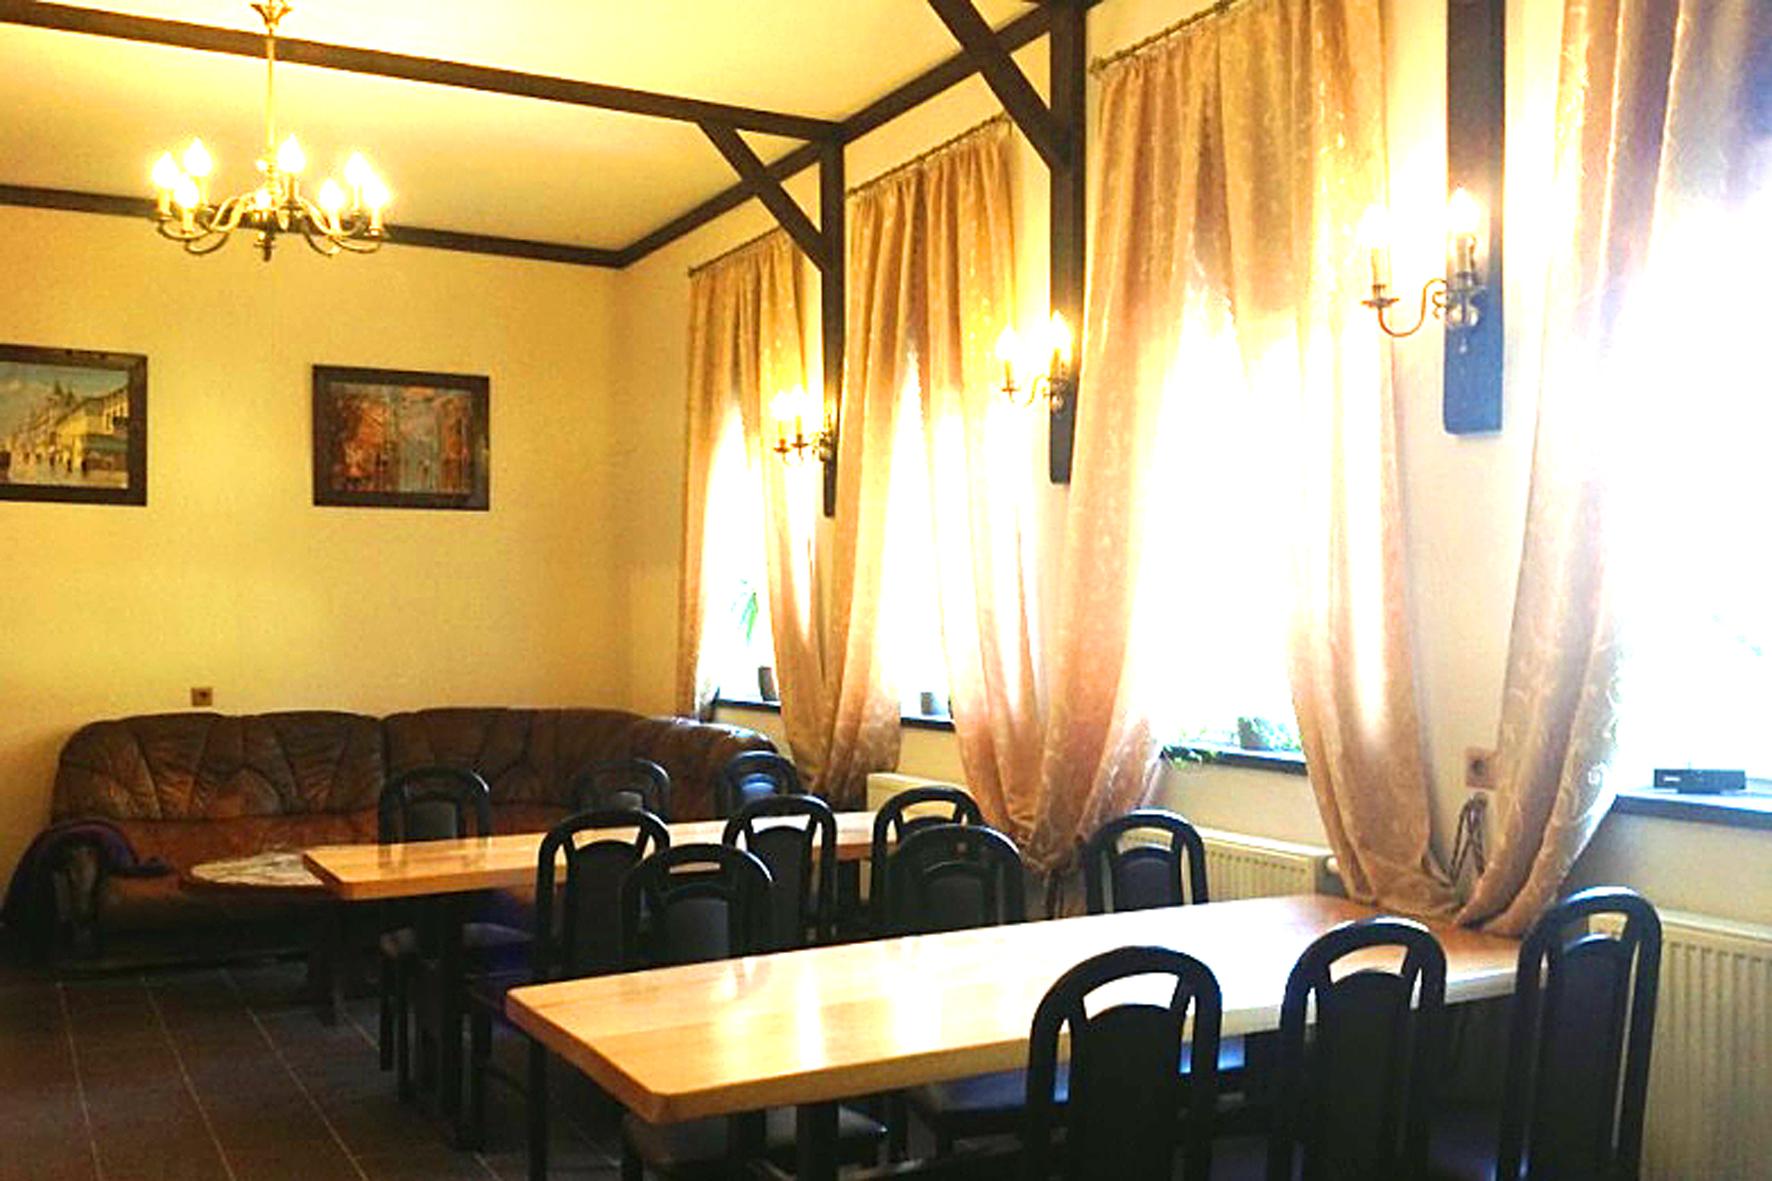 Russische-Banja-Restaurant-in-Ludwigsfelde